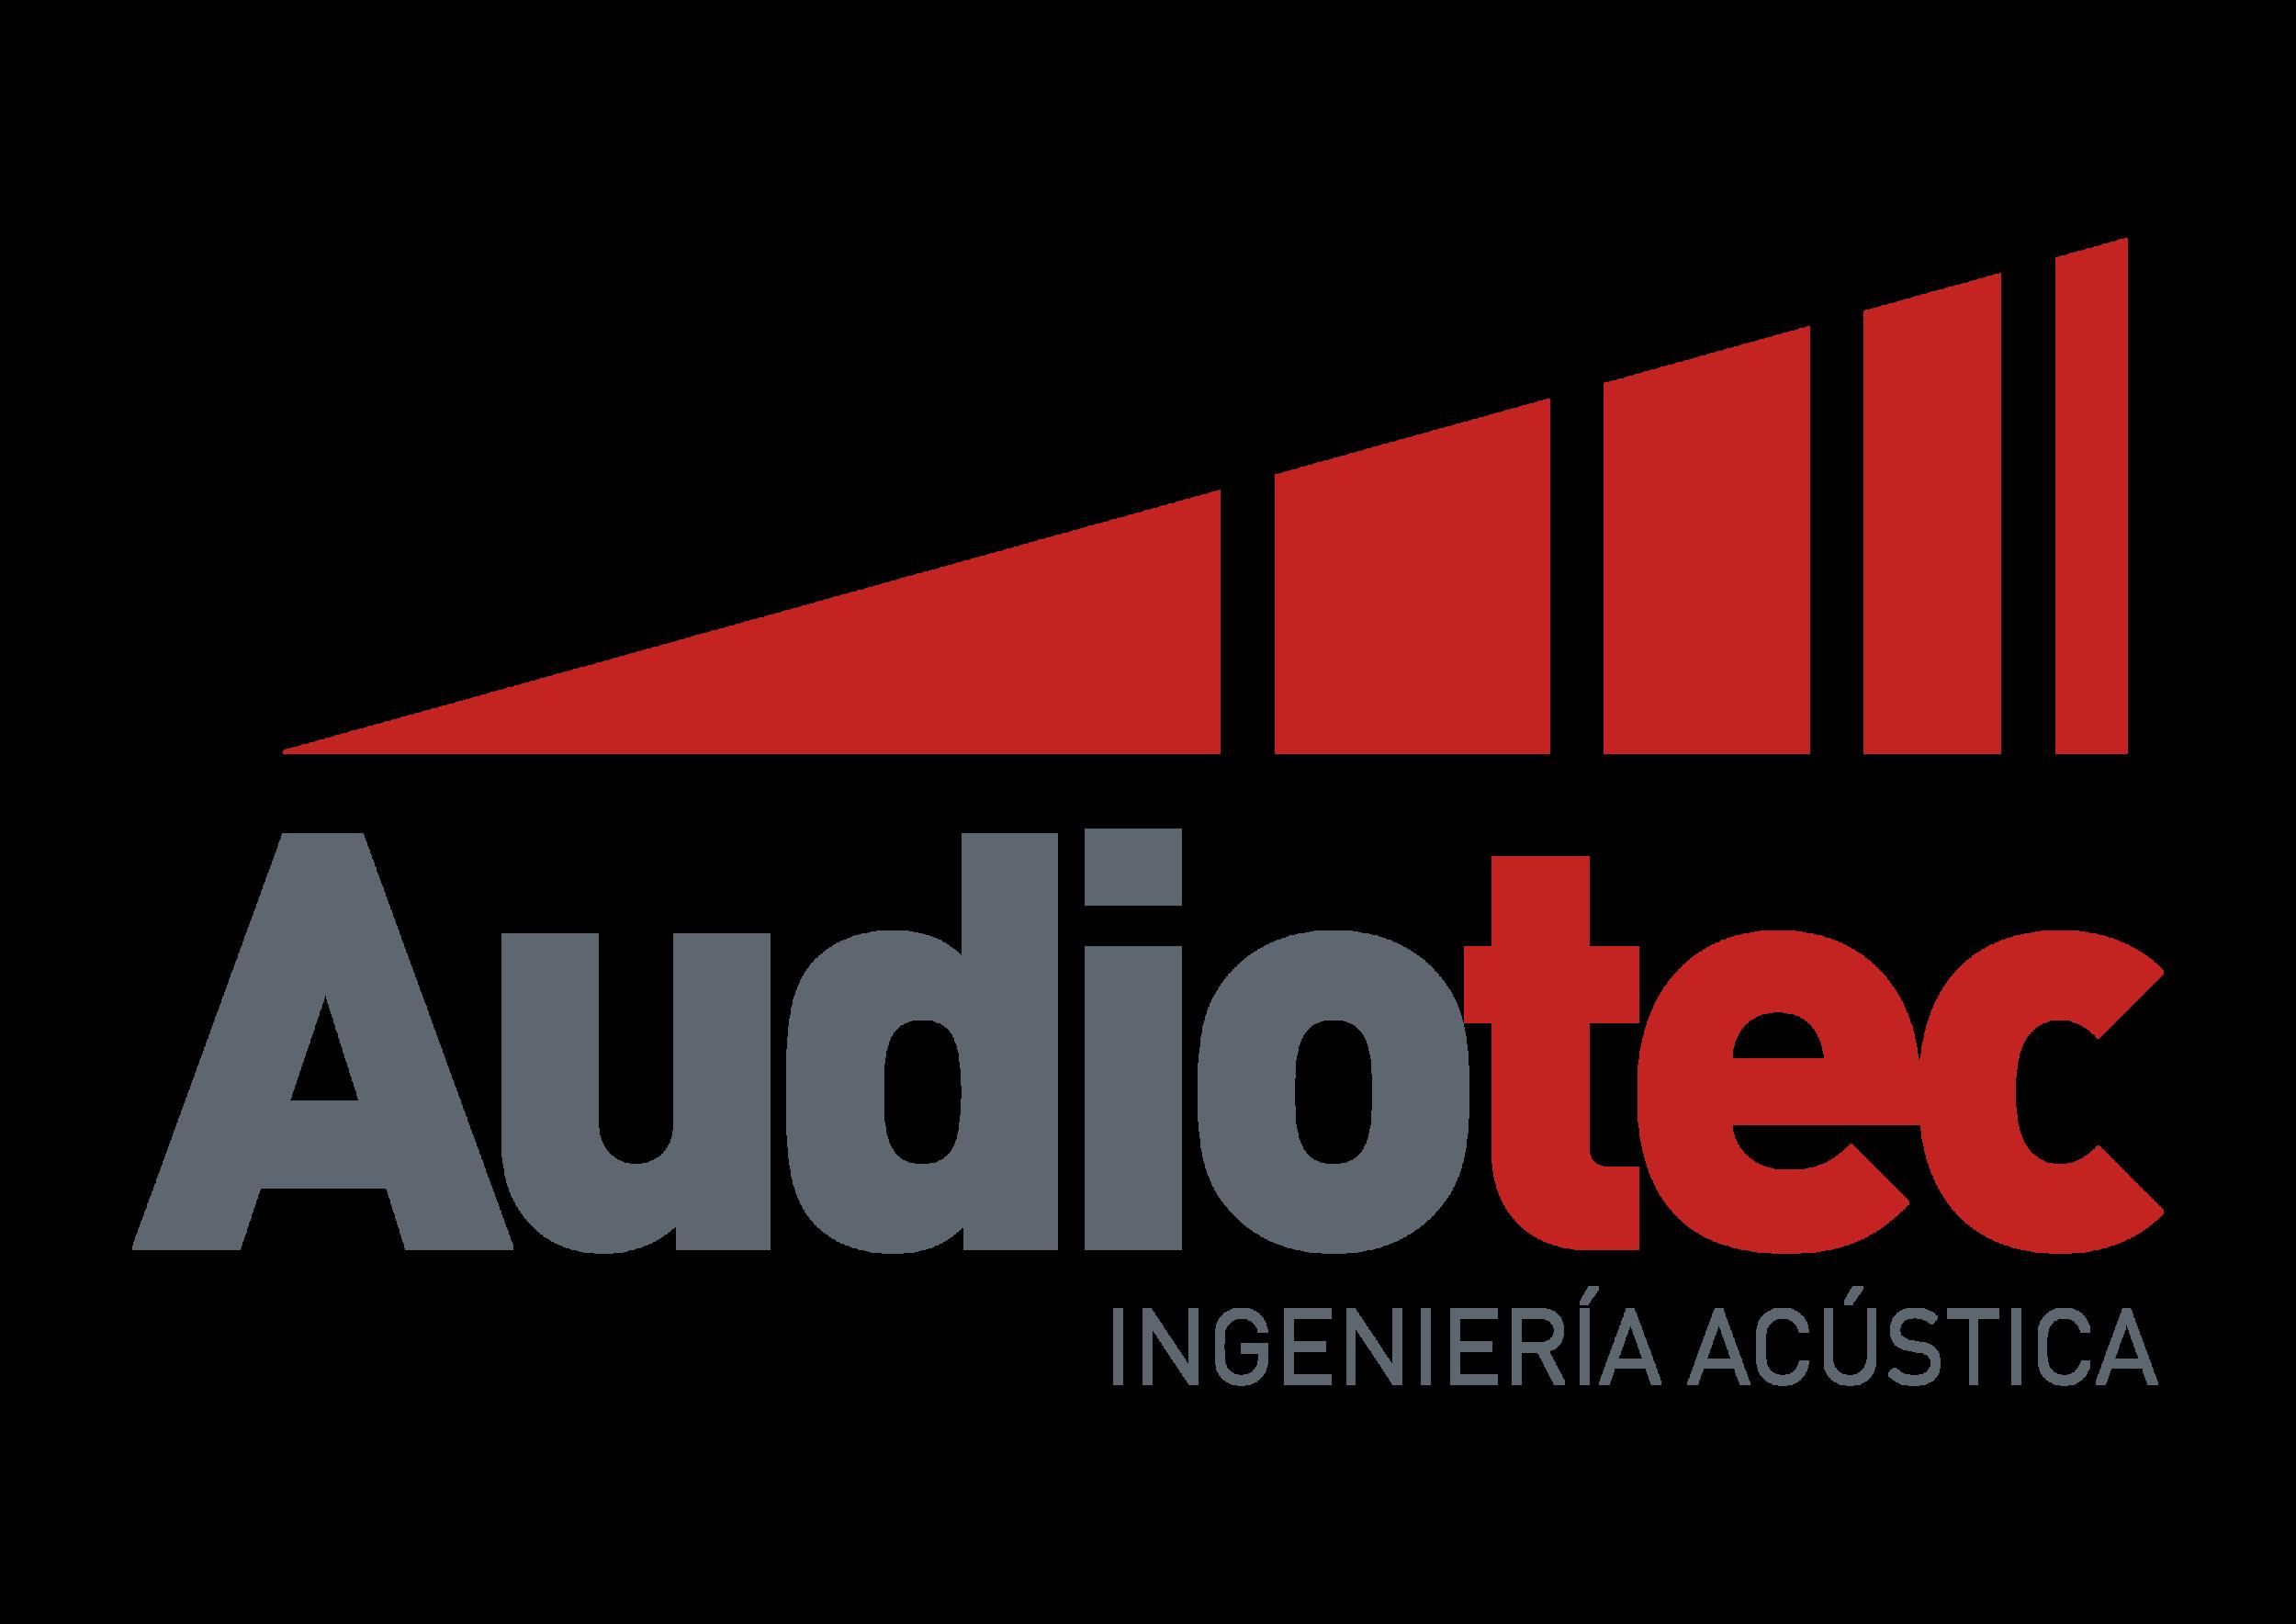 Logotipo-de-audiotec.png